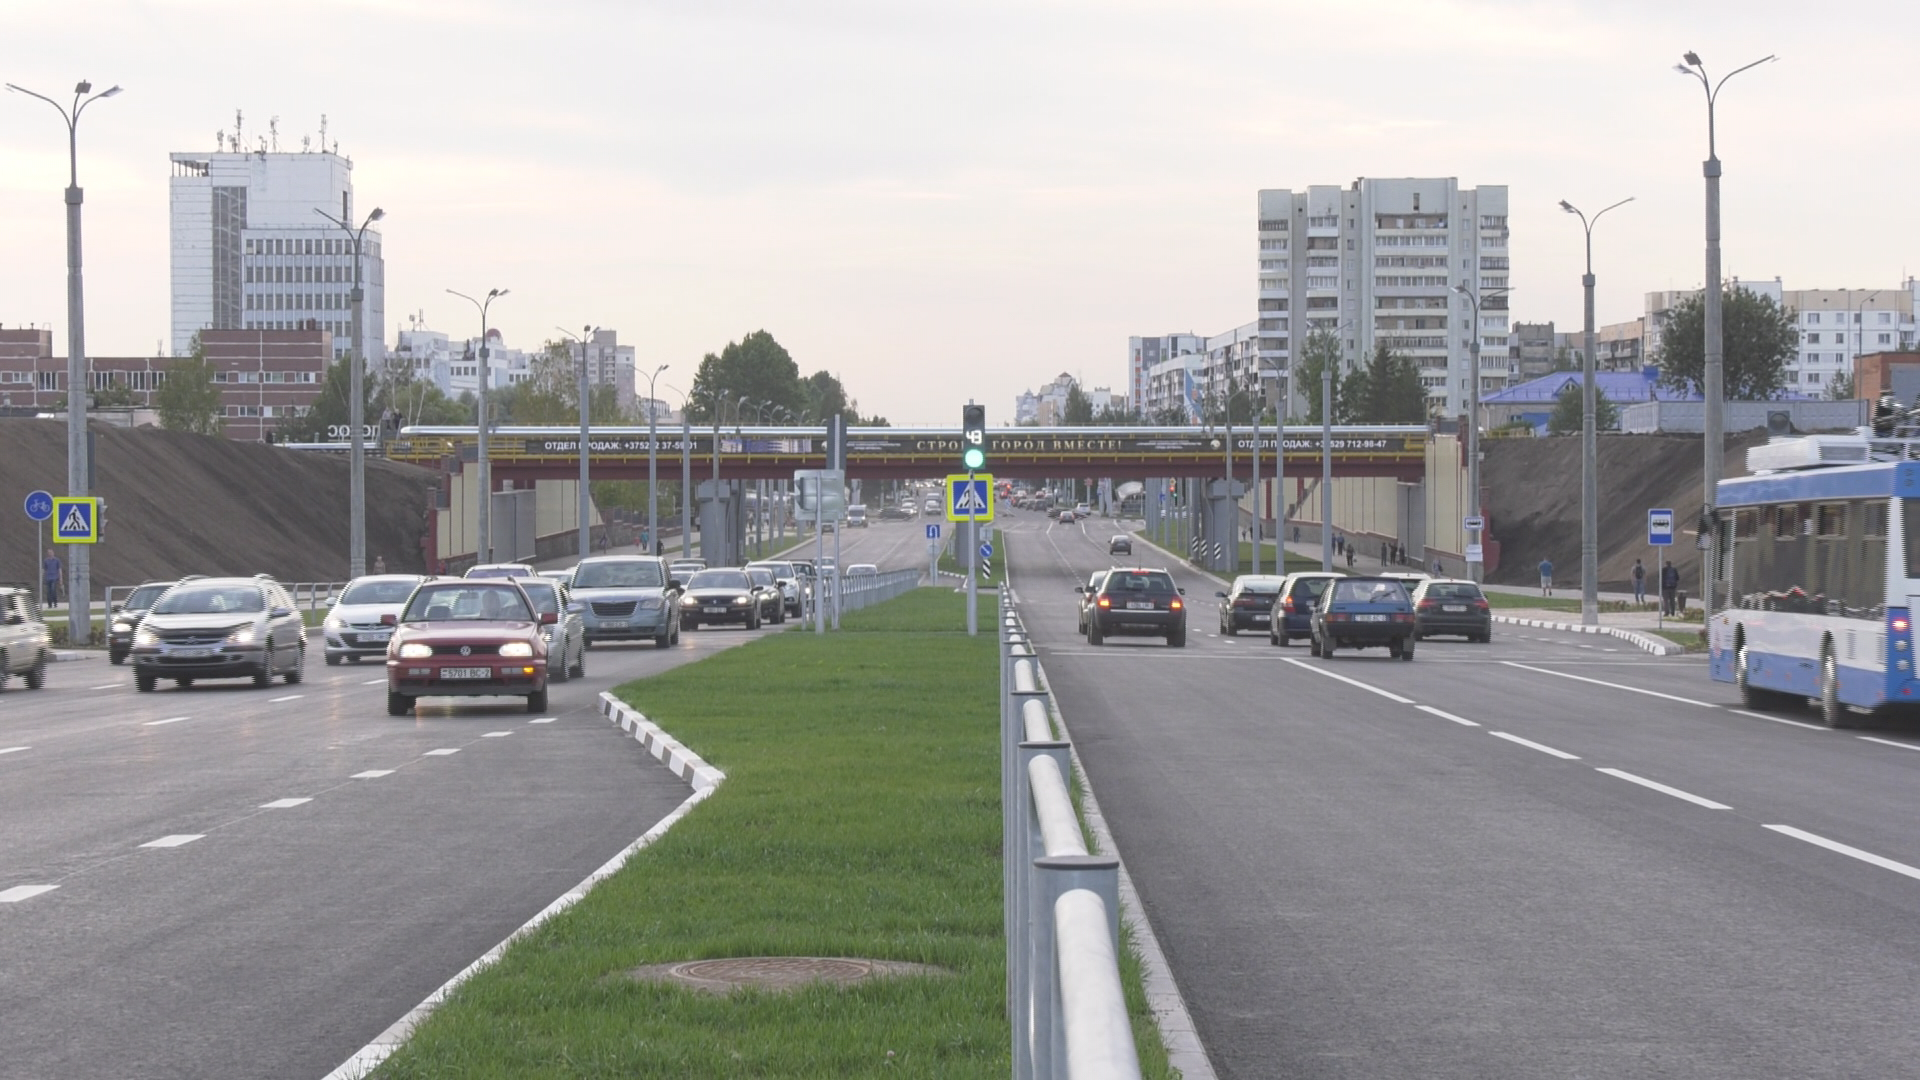 doroga v bilevo - В Витебске открыли движение по новой дороге в Билево (видео)